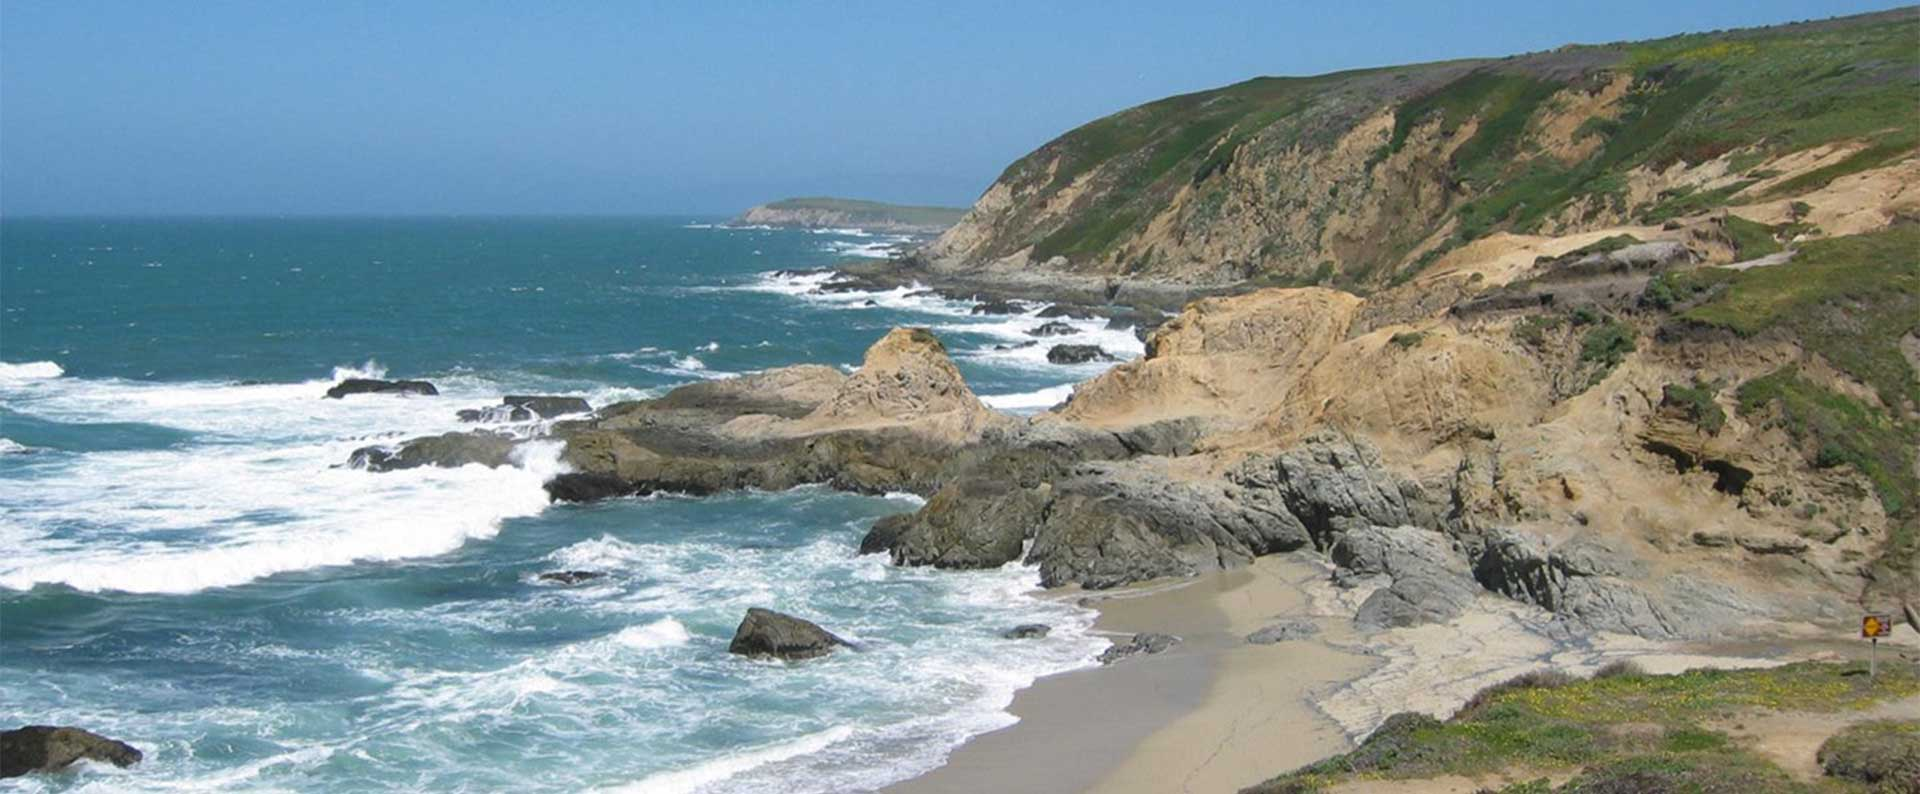 hidrogeologia-de-zonas-costeras-e-islas-cecamin